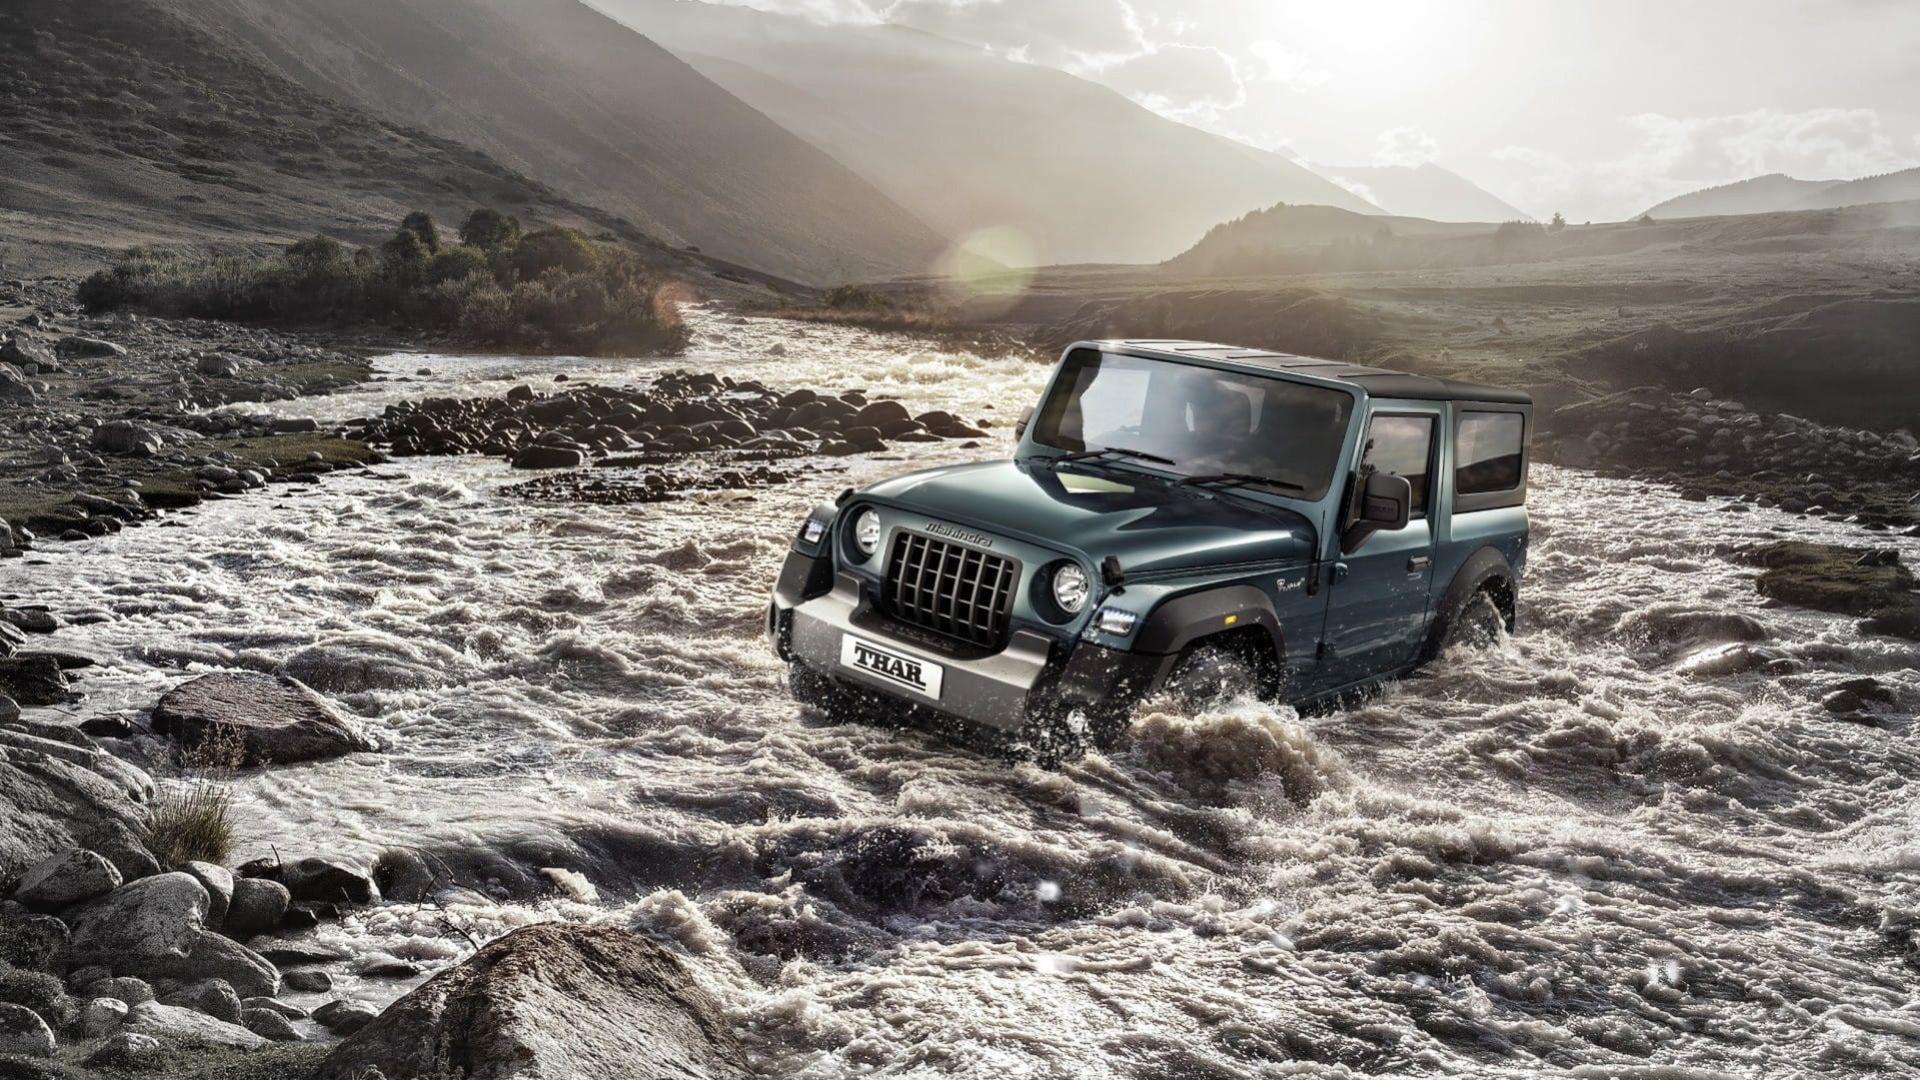 Mahindra uppdaterar sin Jeep Wrangler-kopia